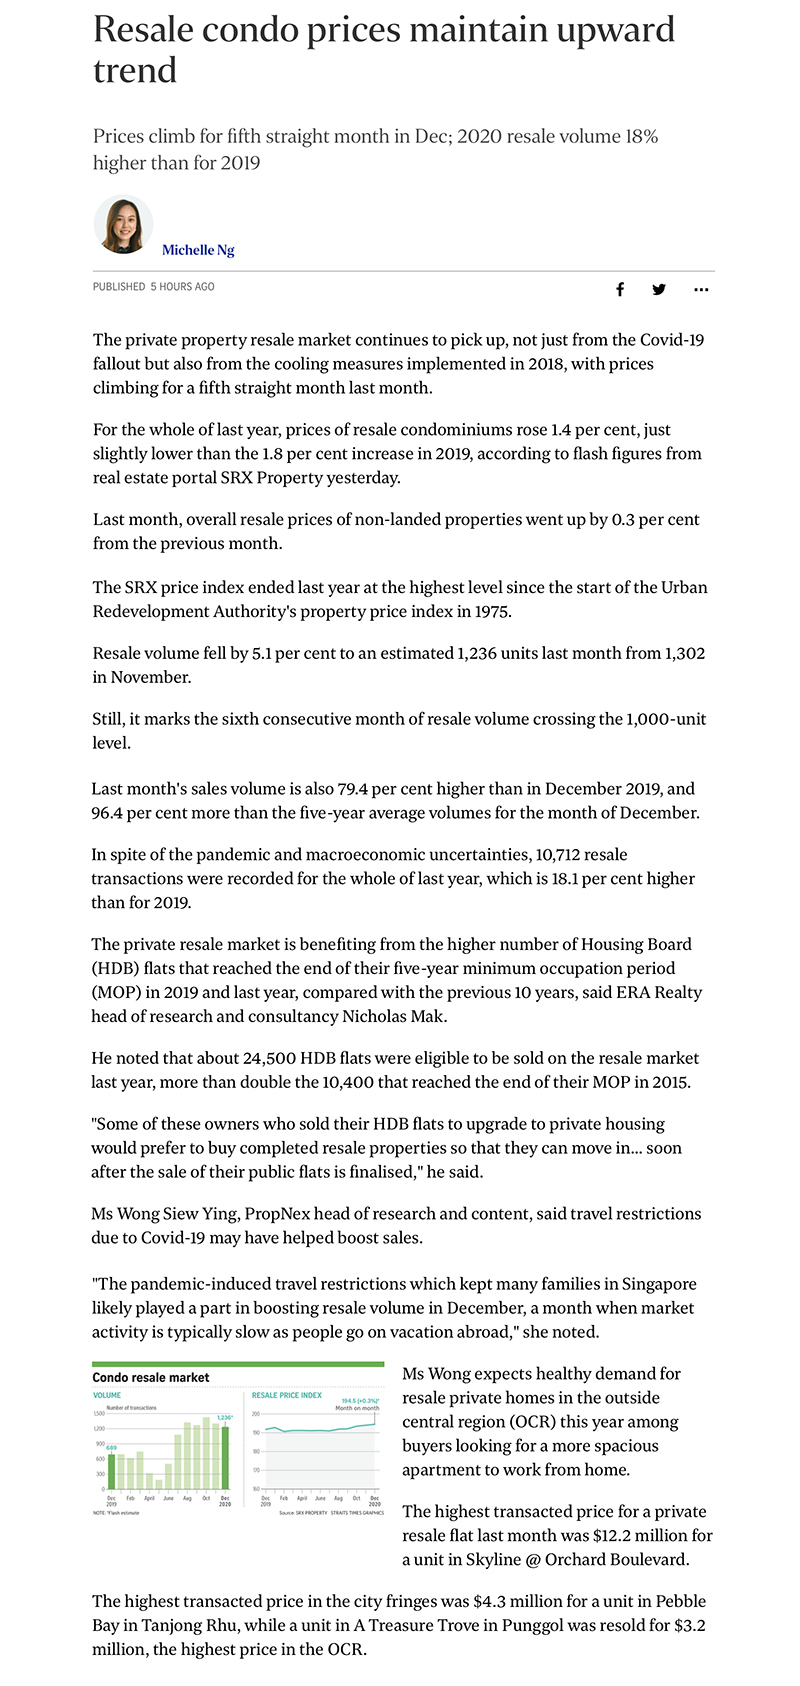 Pasir Ris 8 - Resale condo prices maintain upward trend